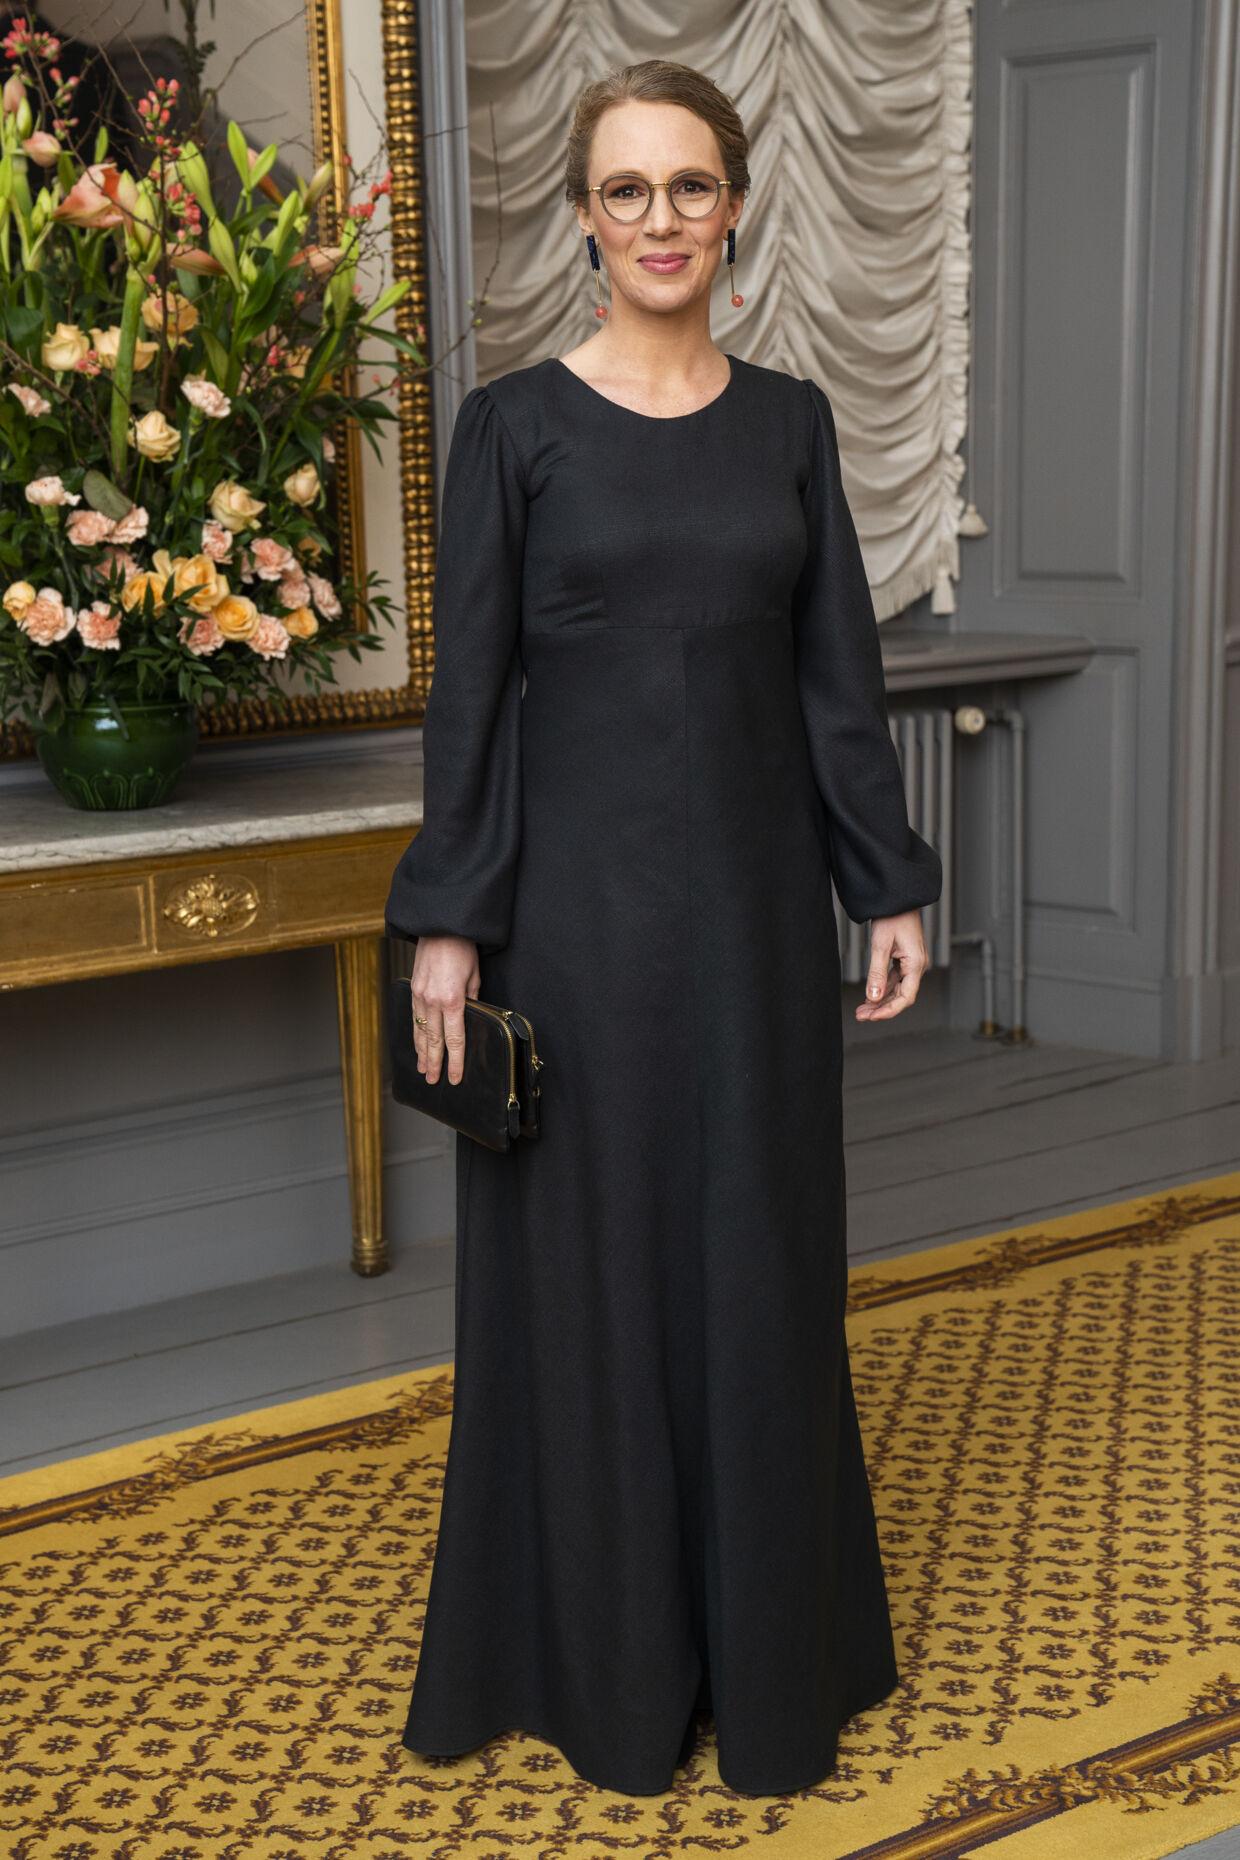 Miljøminister Lea Wermelin havde taget aftenens dårligste valg med kjole, lød det fra modeeksperten. (foto: Martin Sylvest/Ritzau Scanpix 2019)